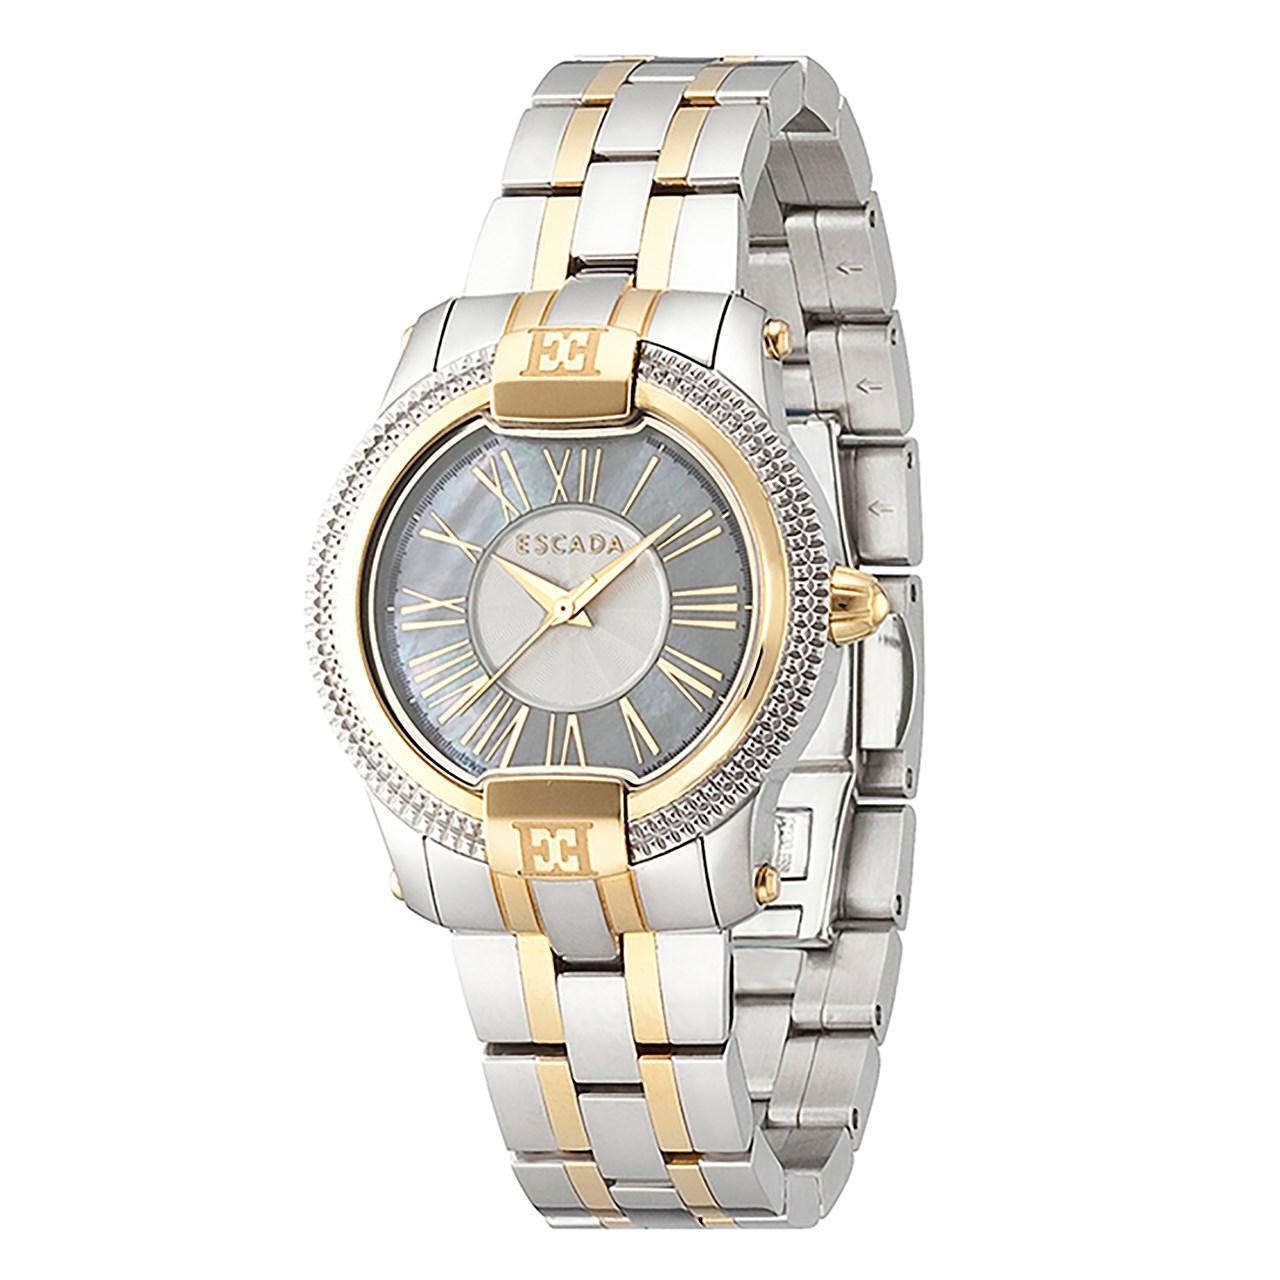 ساعت زنانه برند اسکادا مدل EW3305044